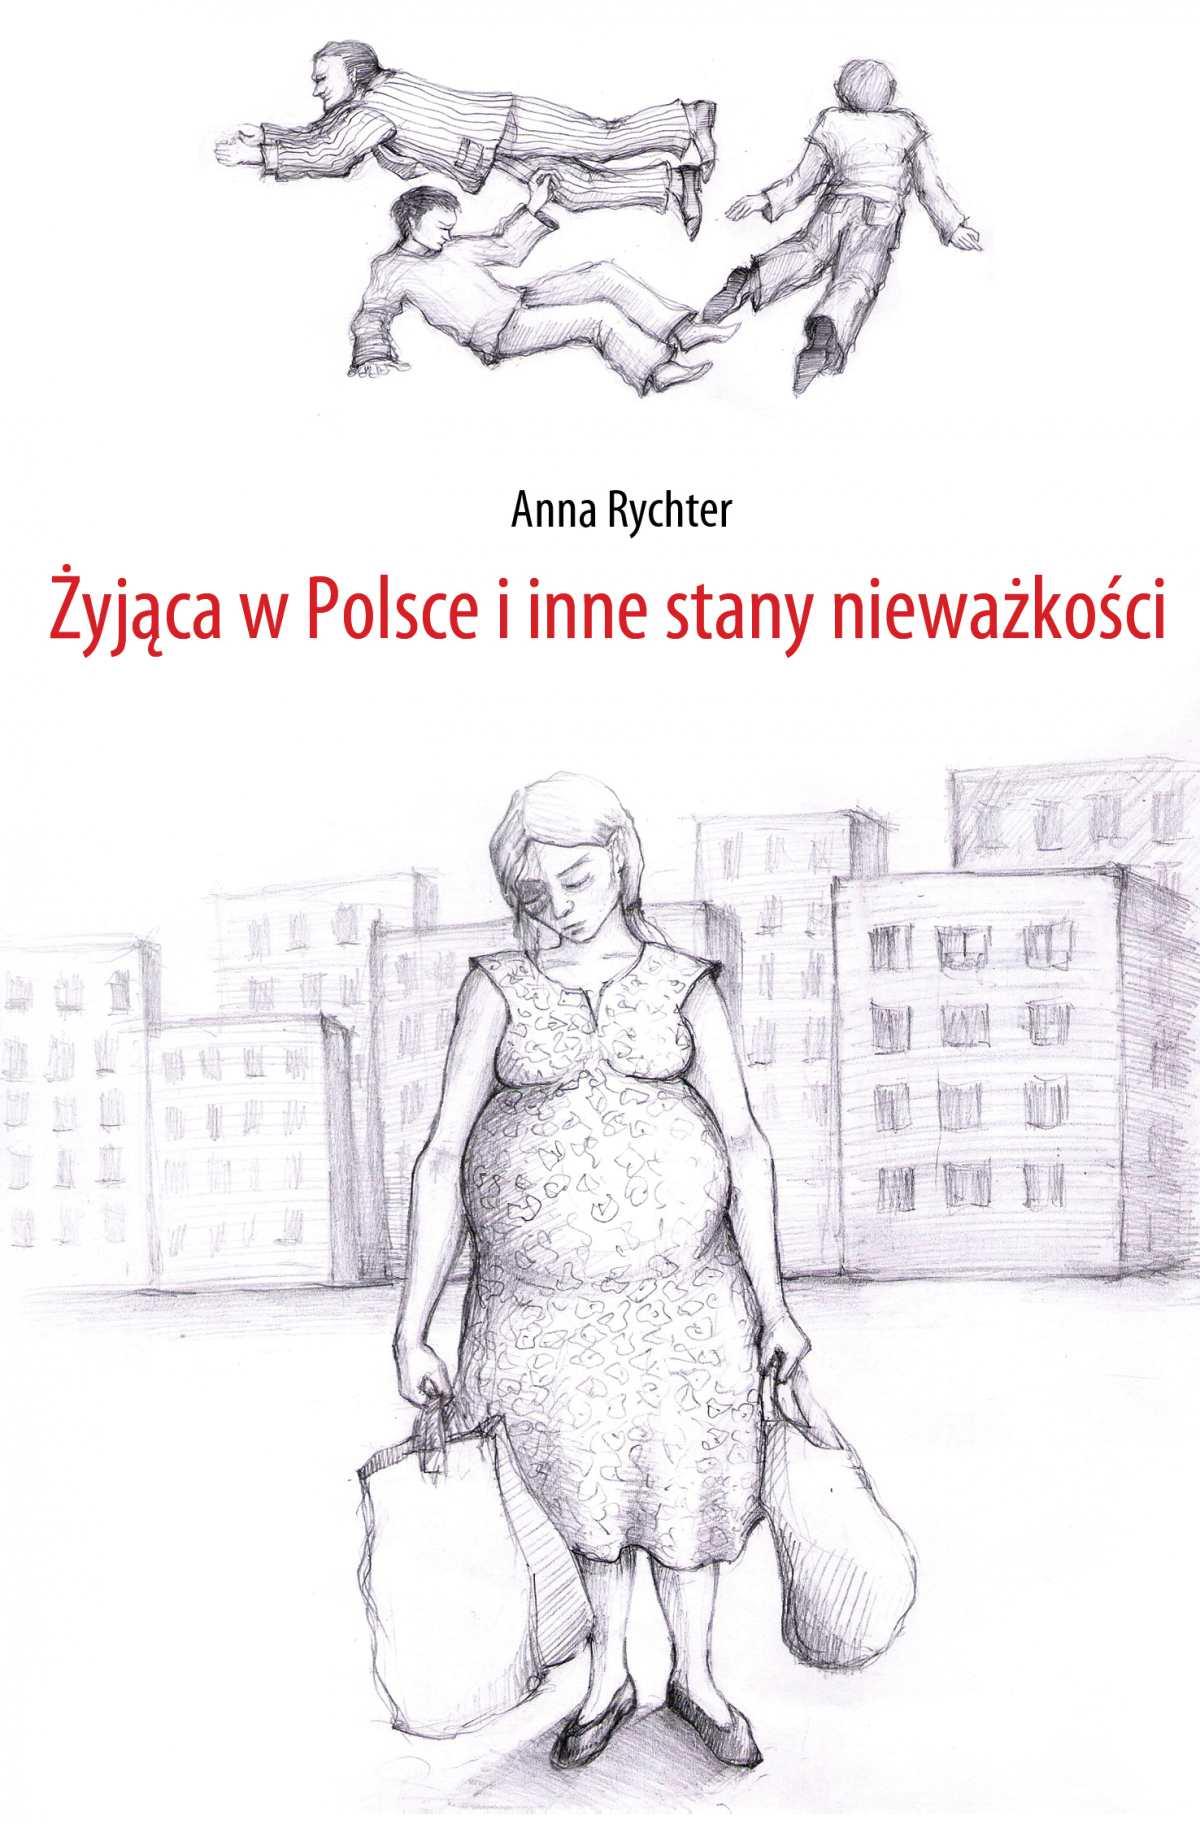 Żyjąca w Polsce i inne stany nieważkości - Ebook (Książka na Kindle) do pobrania w formacie MOBI